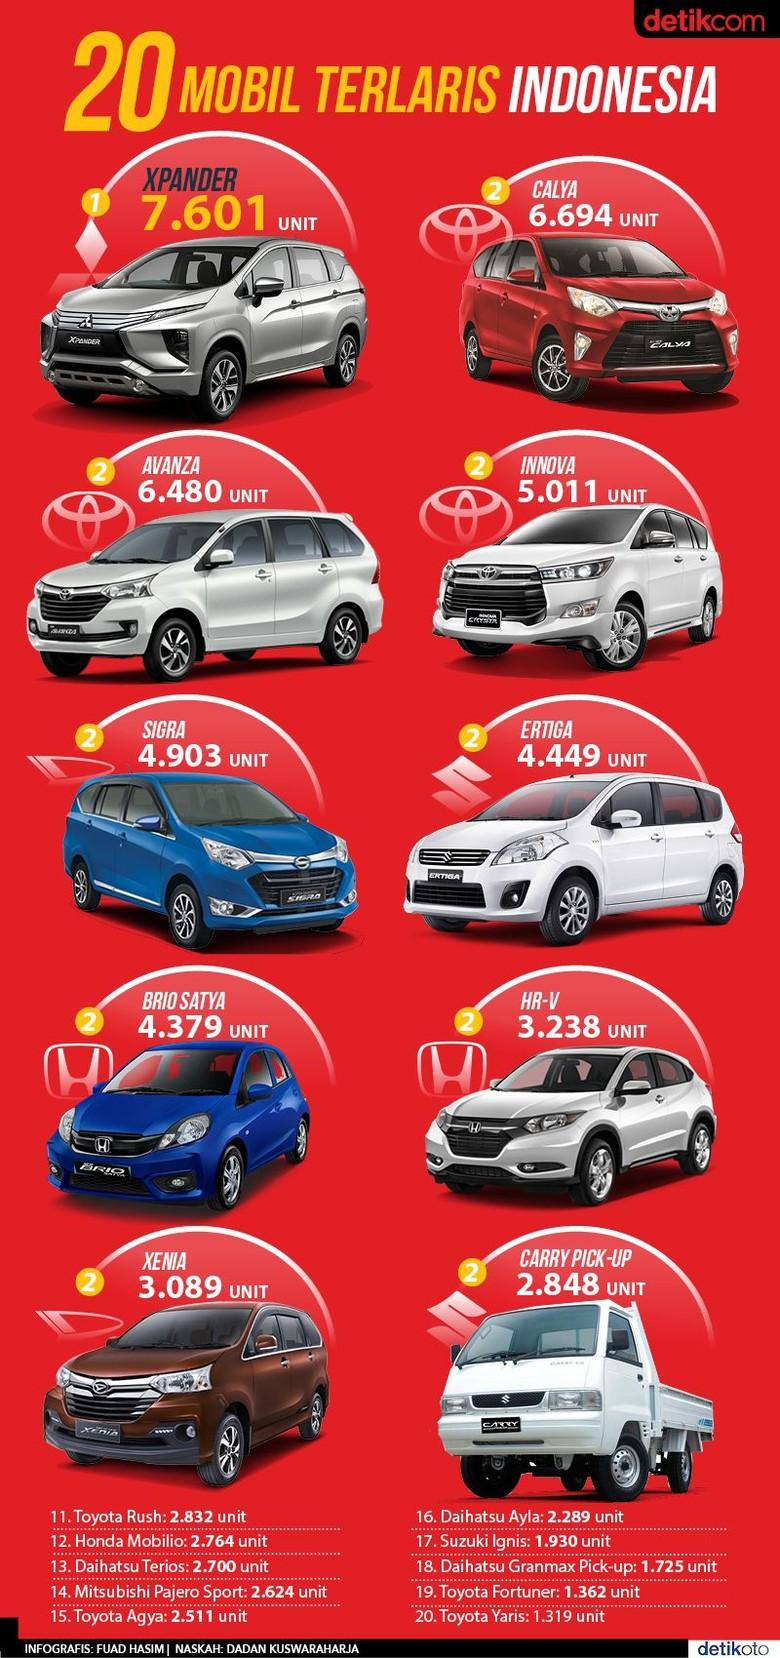 20 Mobil Terlaris Indonesia